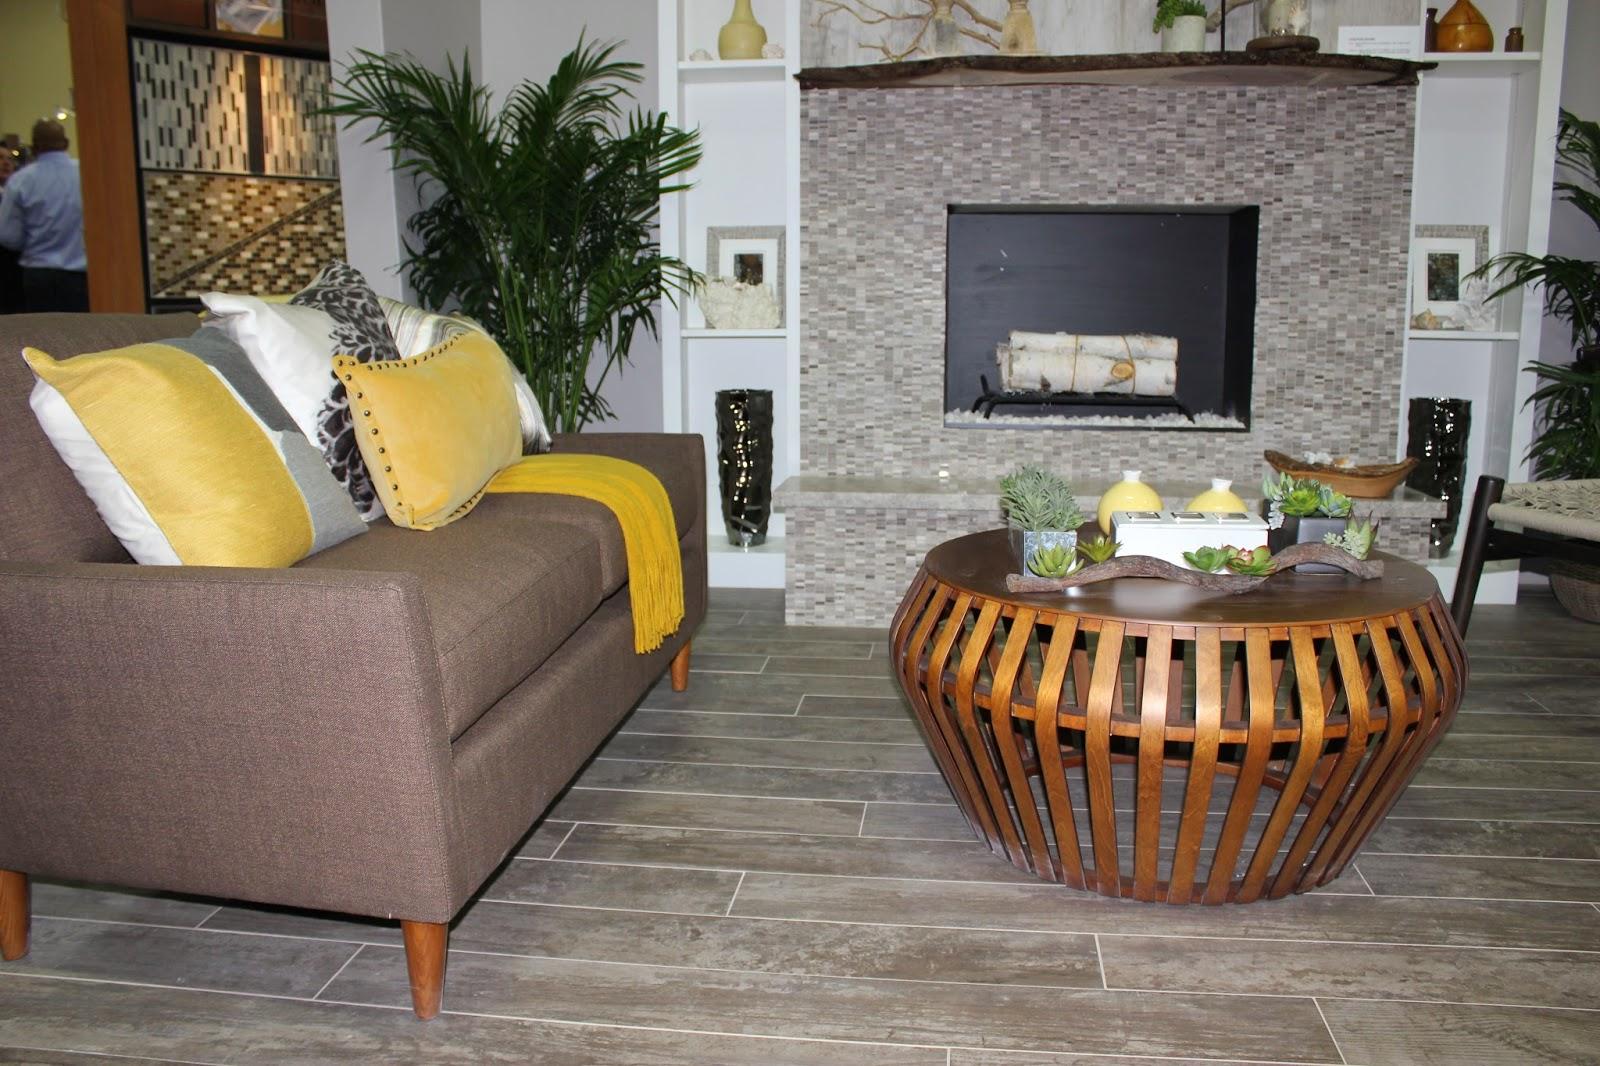 Simas Floor And Design Company Surfaces 2014 In Las Vegas